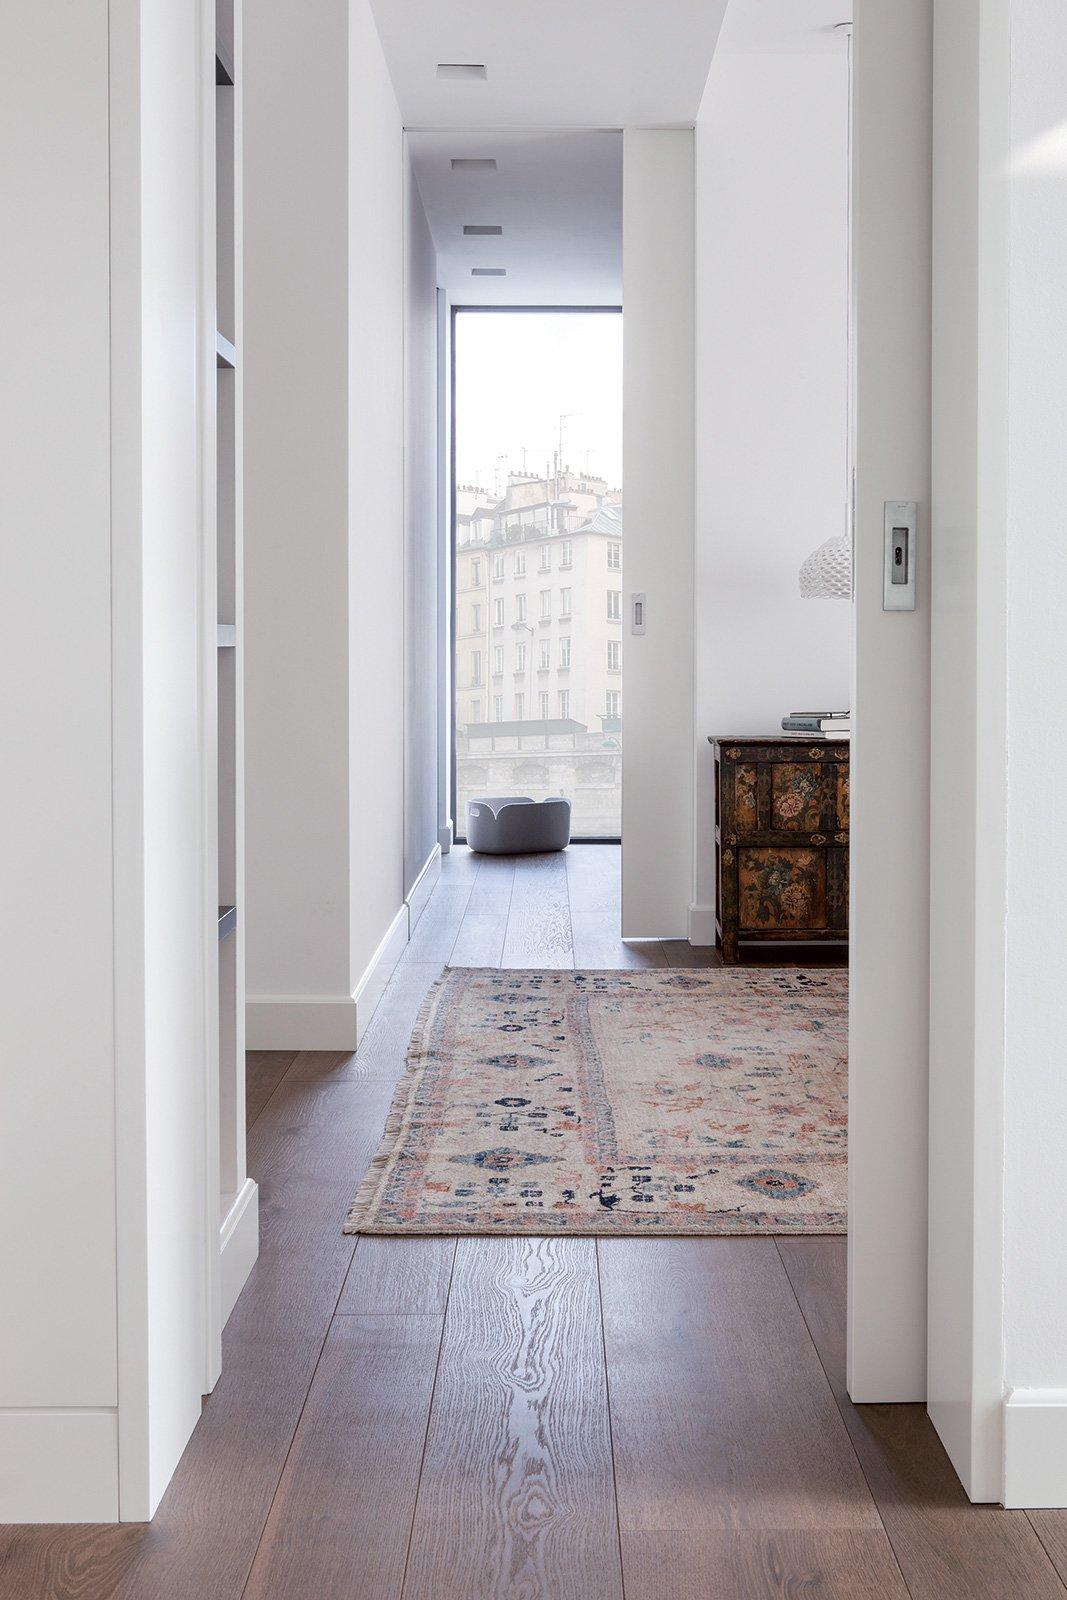 Porte scorrevoli a scomparsa per una casa senza barriere cose di casa - Spazzole per porte scorrevoli ...